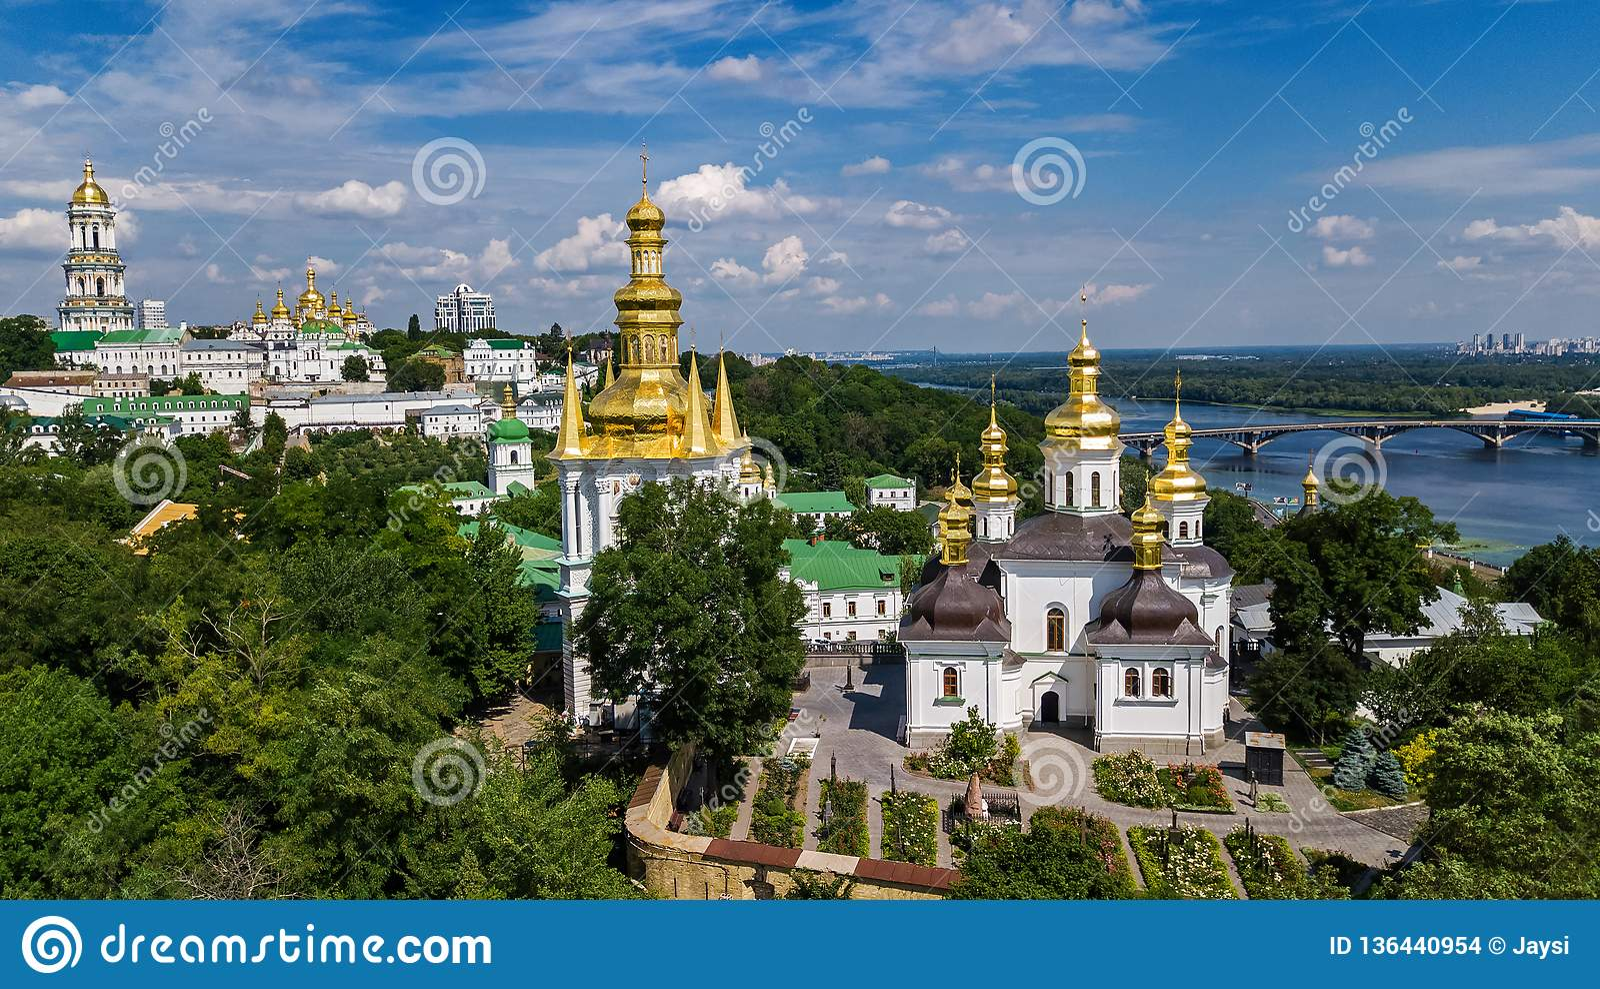 Opinião aérea do zangão de igrejas de Kiev Pechersk Lavra em montes de cima de, arquitetura da cidade da cidade de Kyiv, Ucrânia